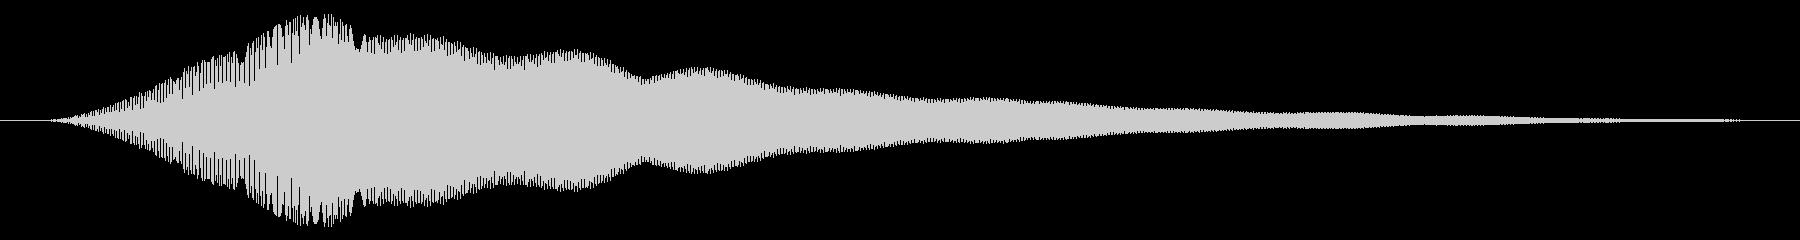 お知らせ/通知/キュイン↑の未再生の波形